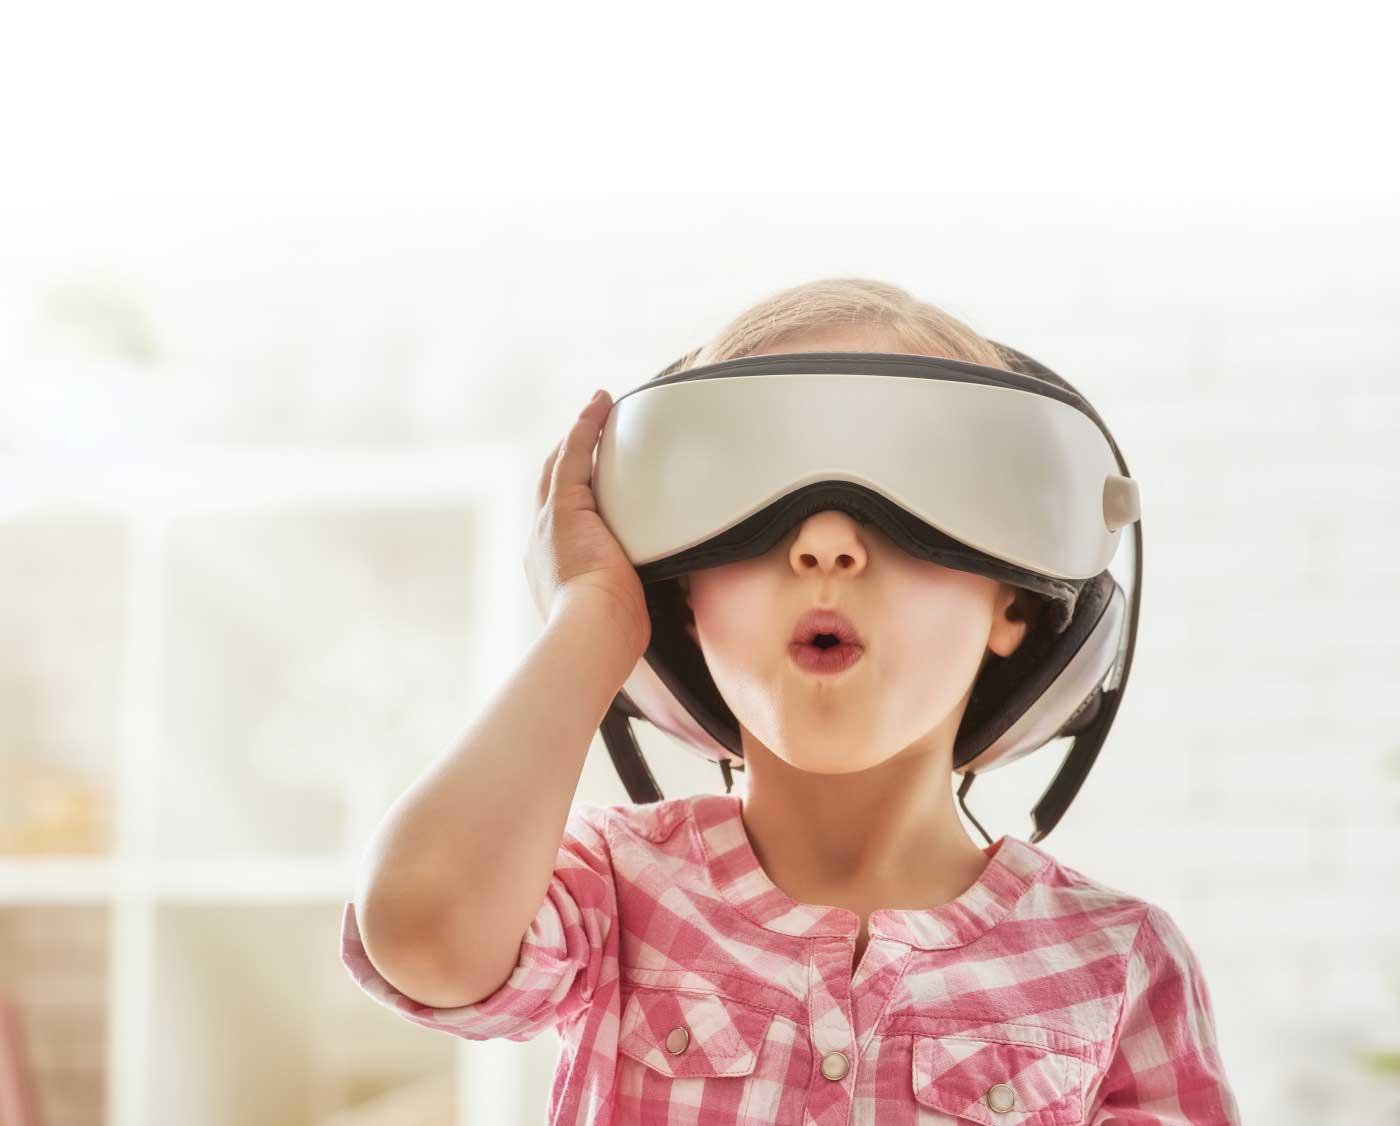 اثـــرات نامطلوب واقعیت مجازی بر سلامتی